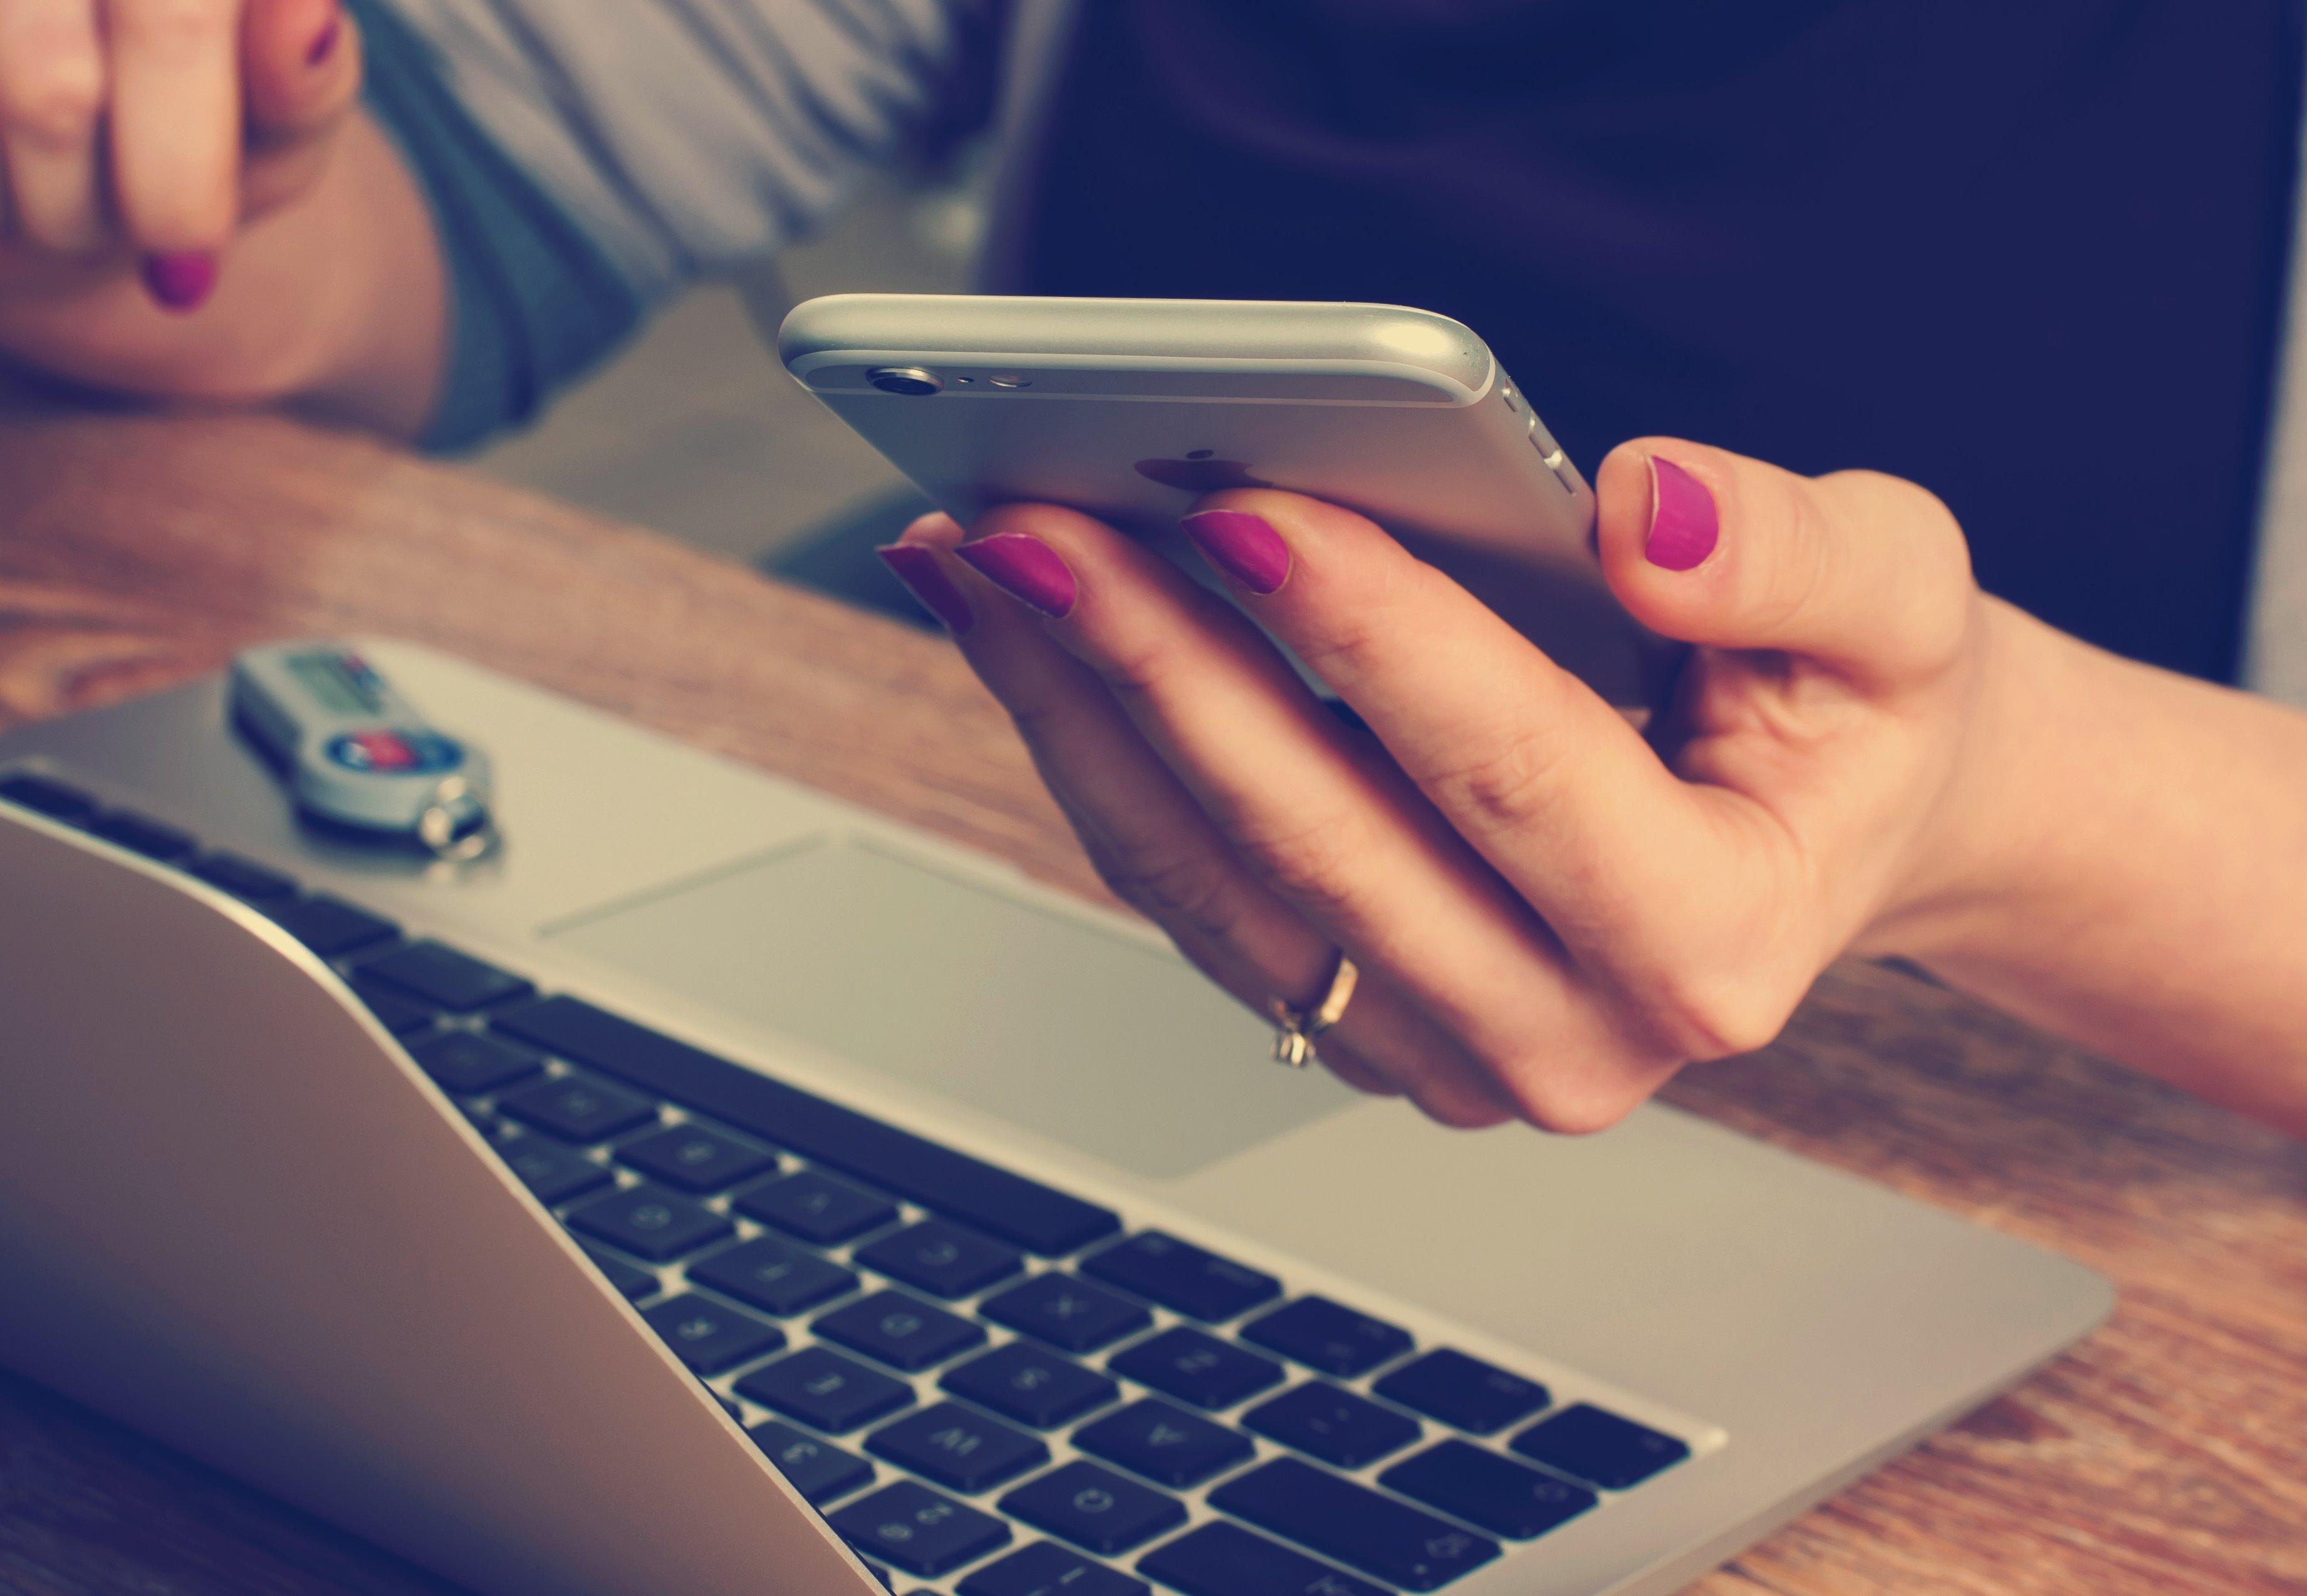 william iven 8515 unsplash - Безкоштовні сайти для пошуку співробітників: міф чи реальність?